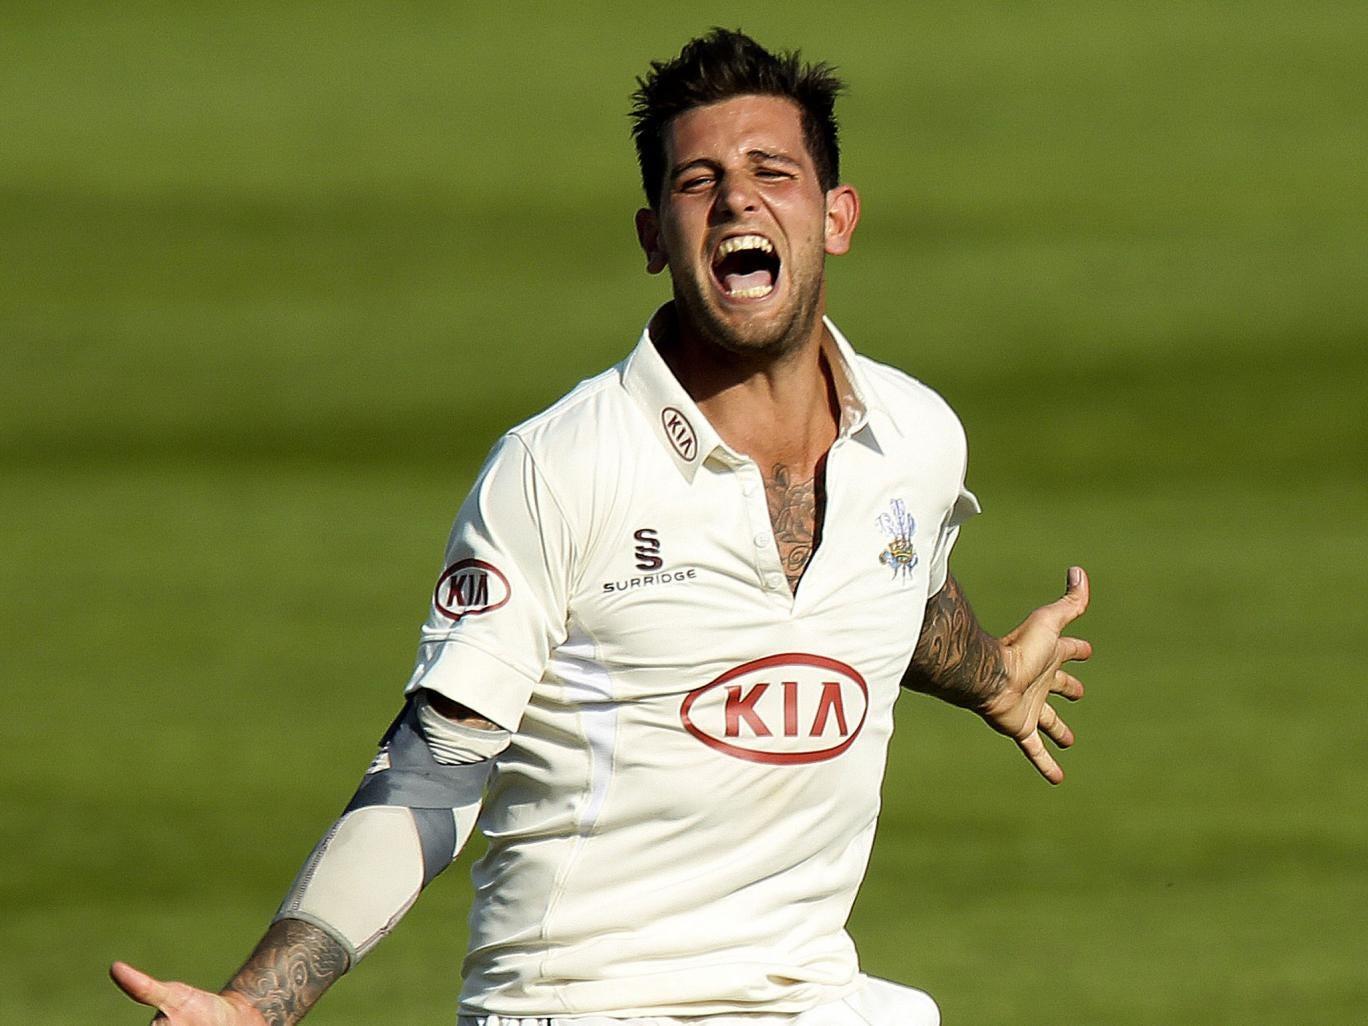 Jade Dernbach took three wickets but Surrey spilt four catches